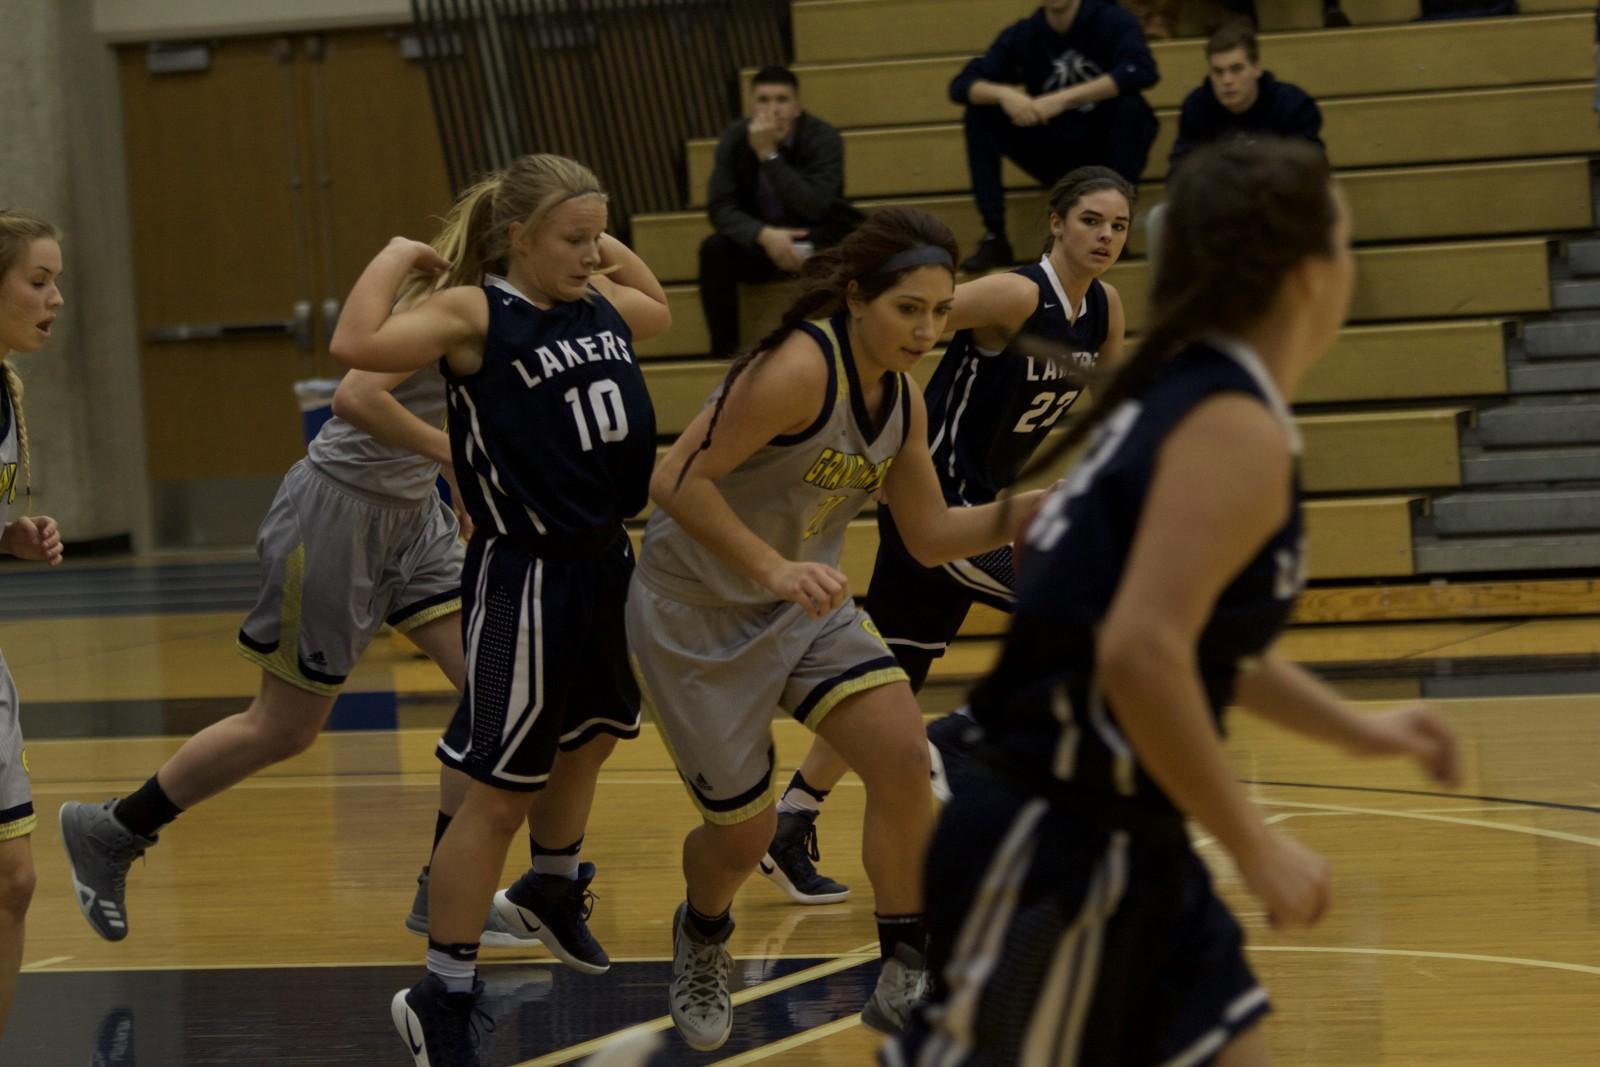 Freshman Guard, #21, Maddie Albert driving through traffic as the Raiders push the ball down the court.